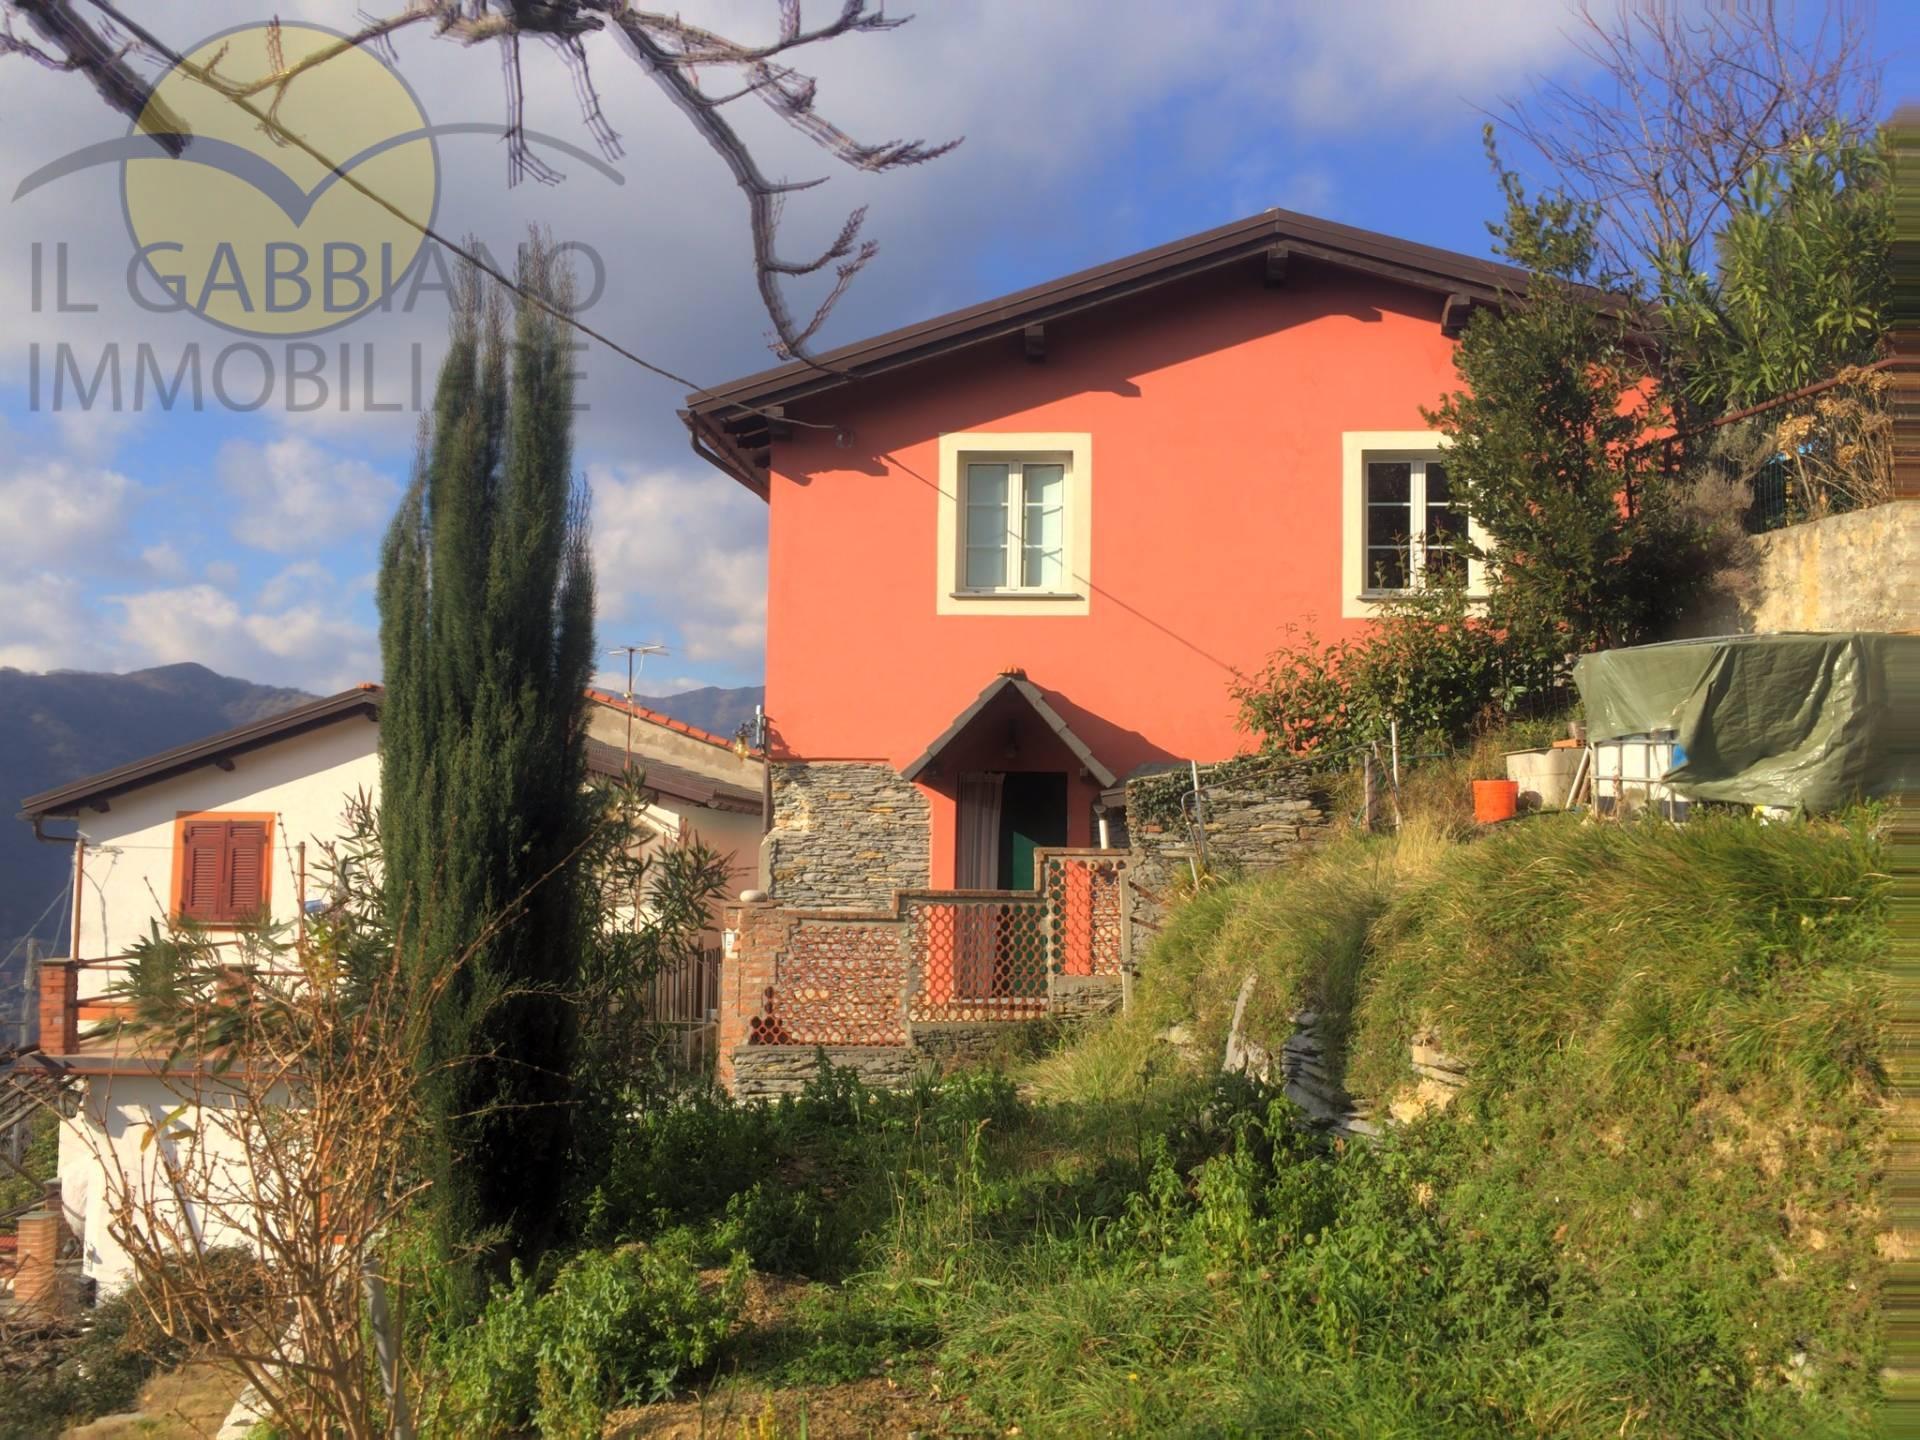 Villa in vendita a Uscio, 6 locali, zona Località: altare, prezzo € 195.000 | Cambio Casa.it